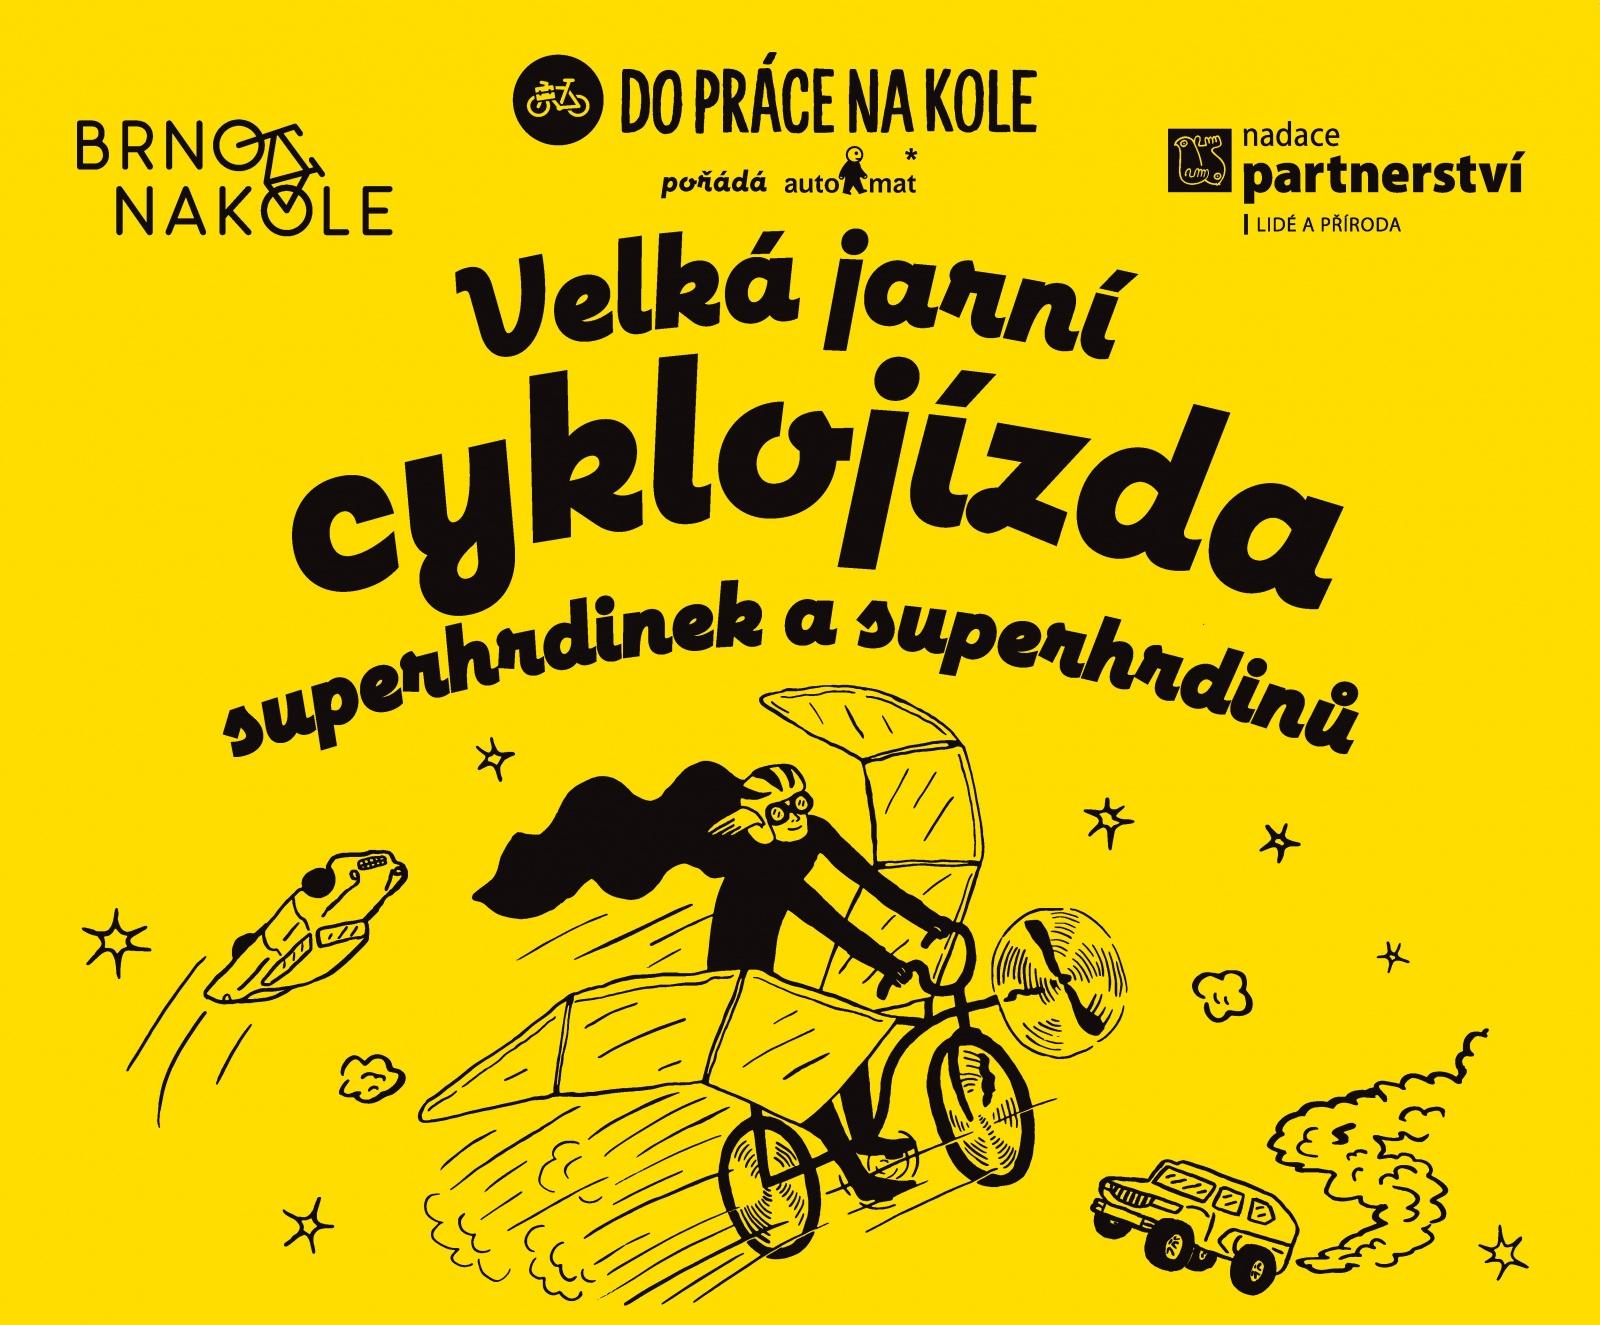 Velká jarní cyklojízda superhrdinek a superhrdinů